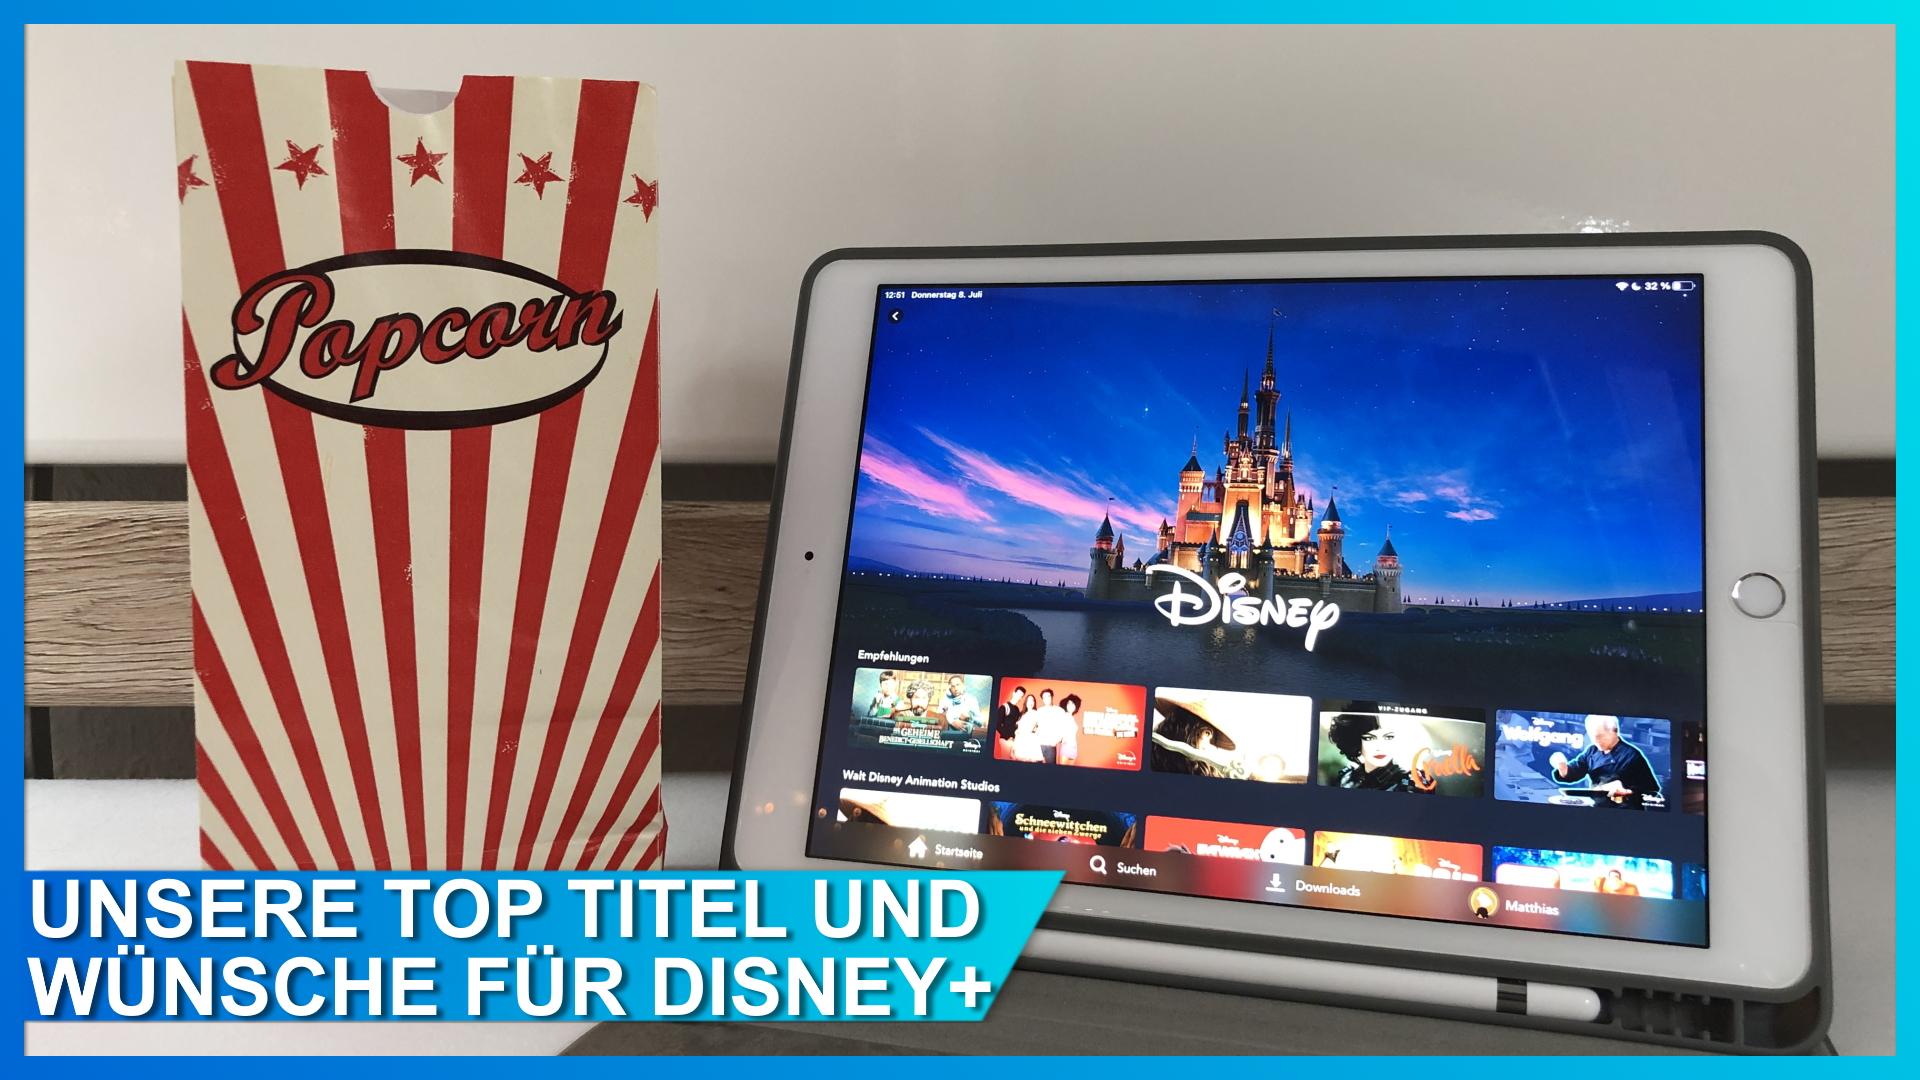 Unsere Top Titel und Wünsche für Disney+